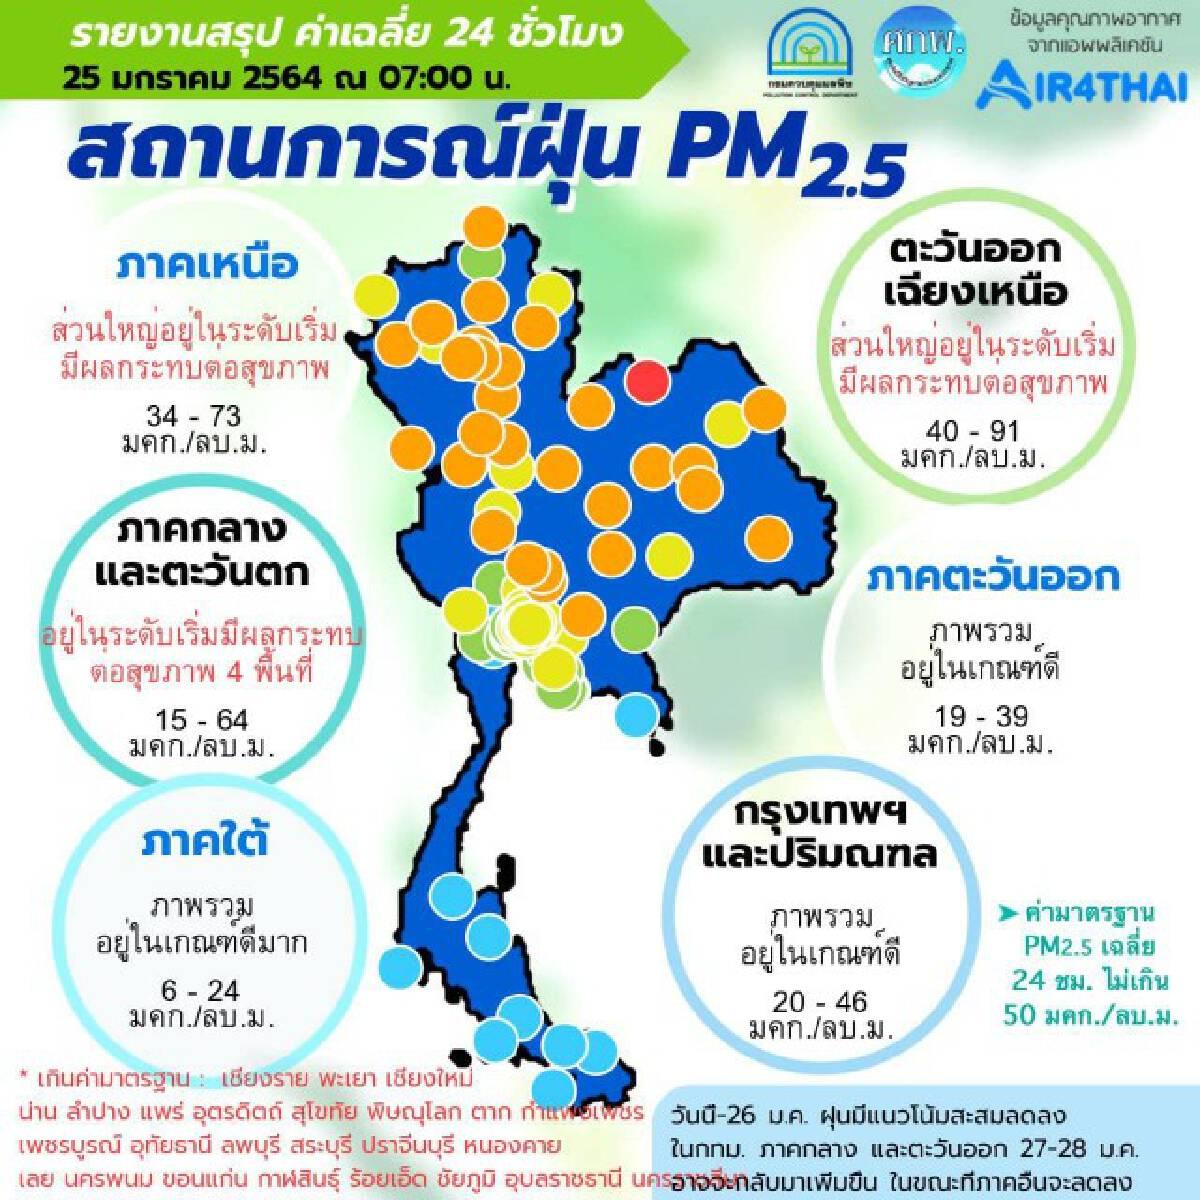 ฝุ่น PM2.5 เกินมาตรฐาน 25 จังหวัด-กทม.เริ่มดีขึ้น